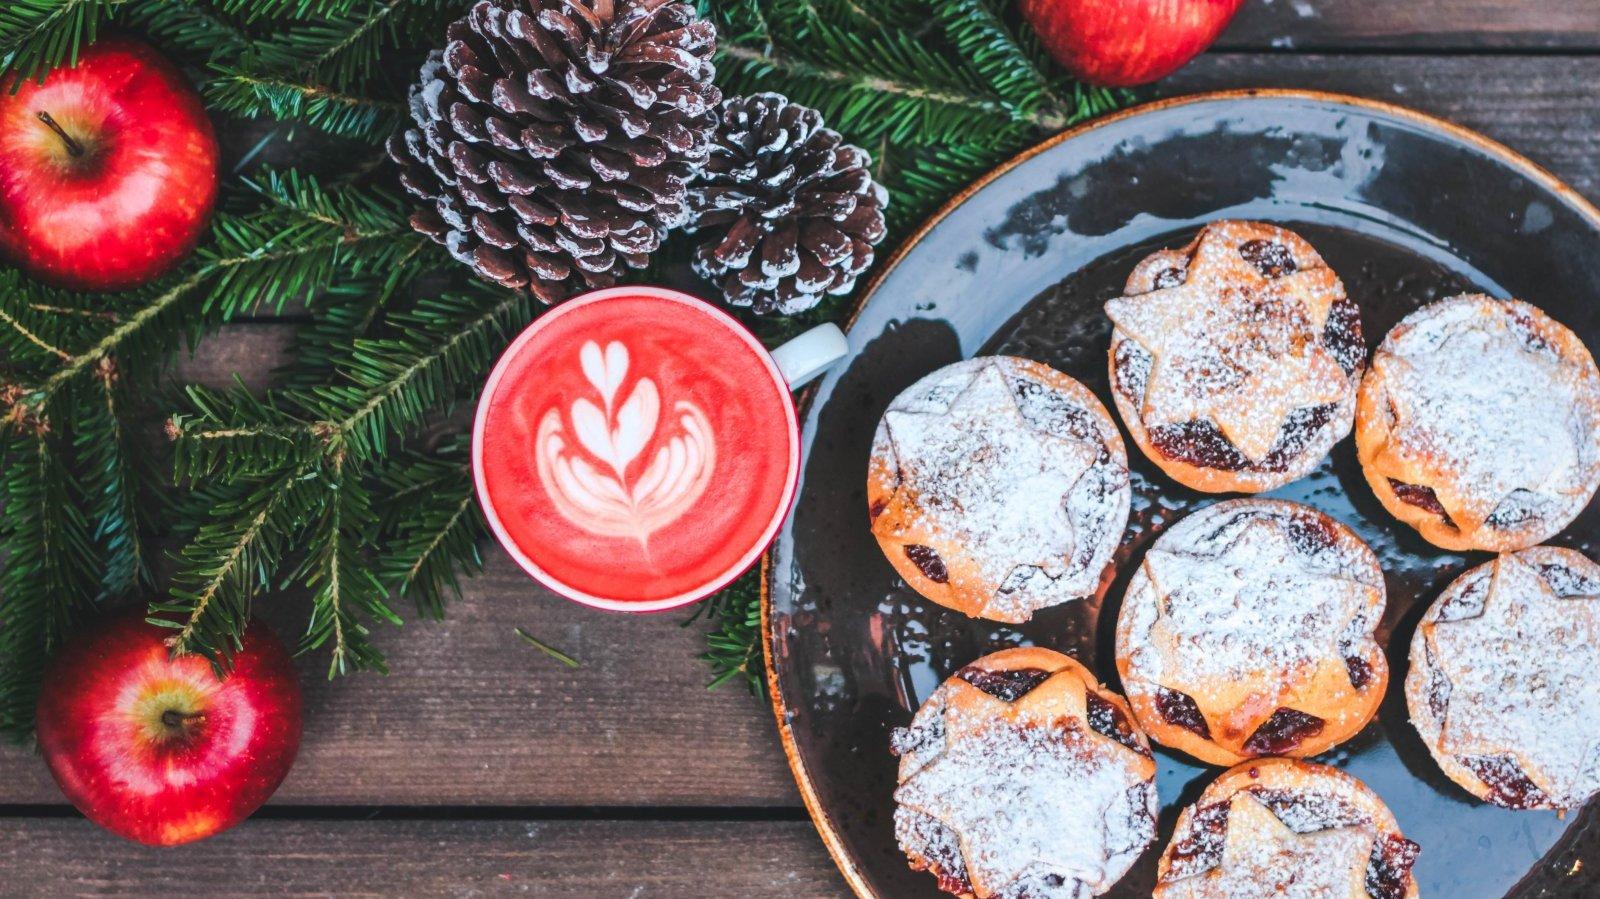 Nuestro sistema digestivo necesita depurarse tras los atracones navideños.